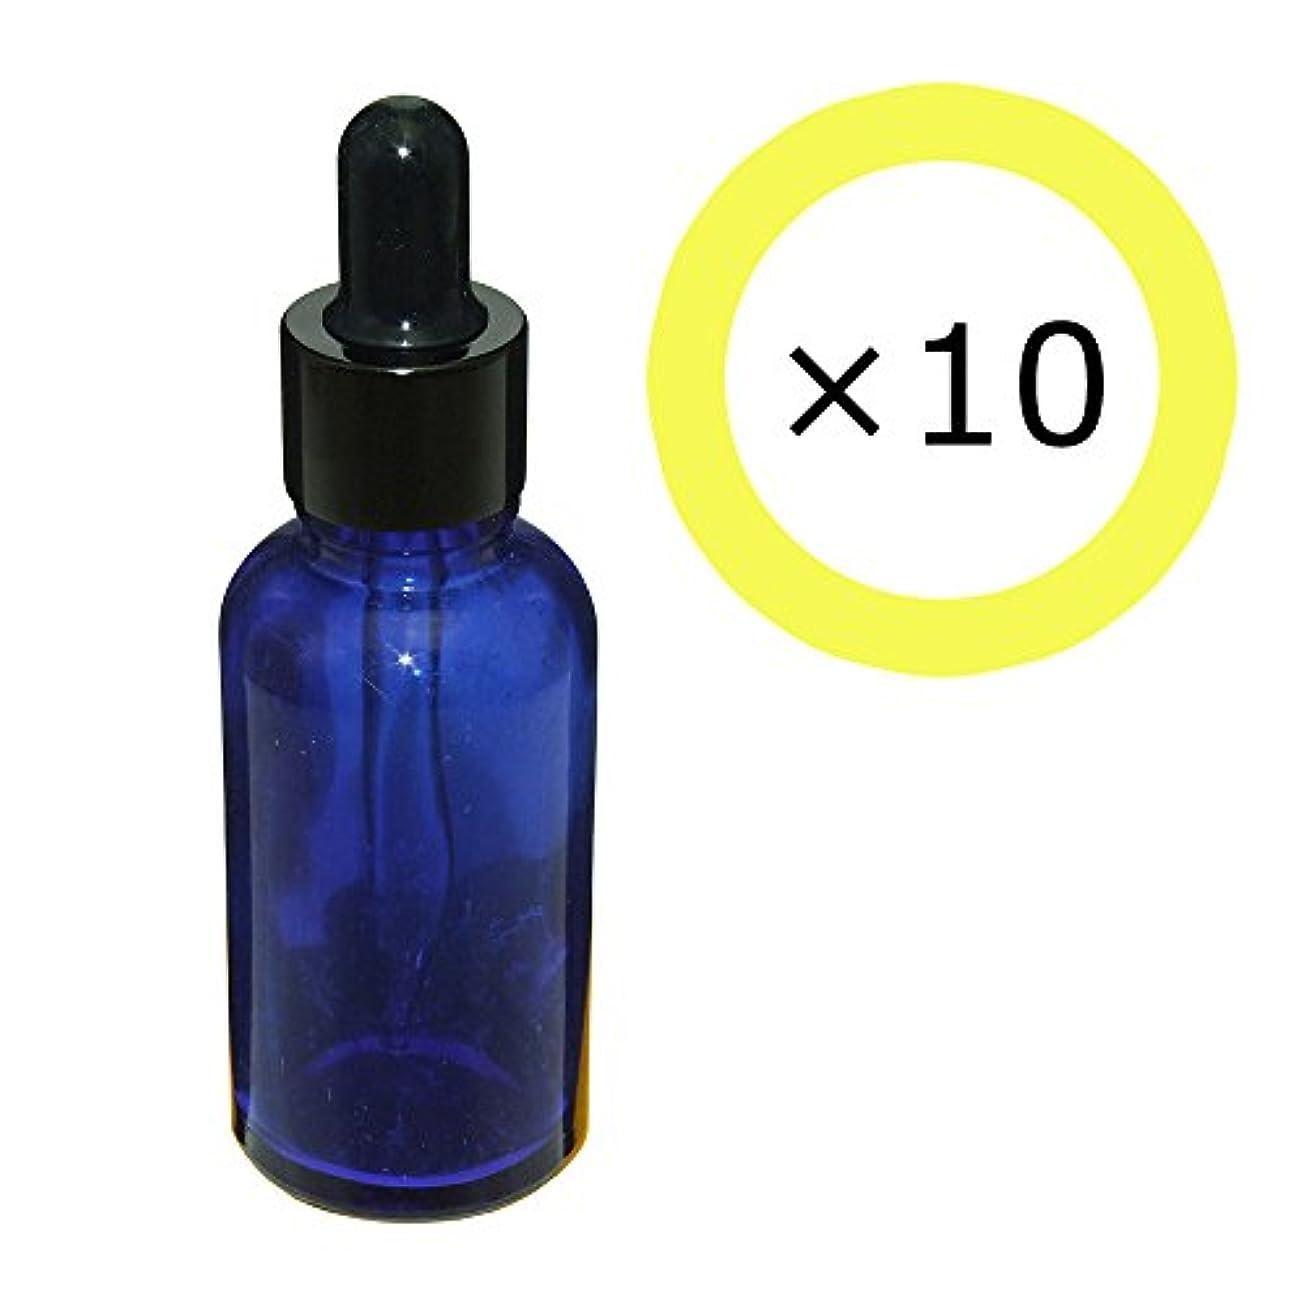 軍隊横に恐れガレージ?ゼロ 遮光ガラス スポイド瓶 先細タイプ 青 30ml×10個/アロマ保存